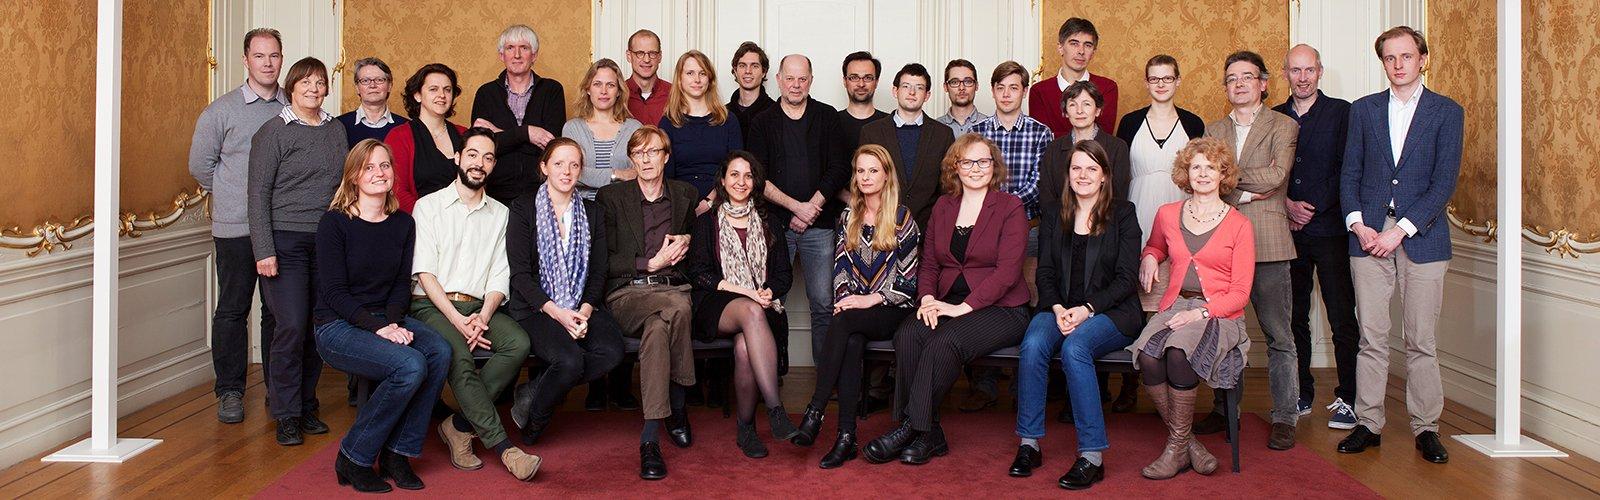 Groepsportret van Economische en Sociale Geschiedenis. Foto: Marijn Smulders